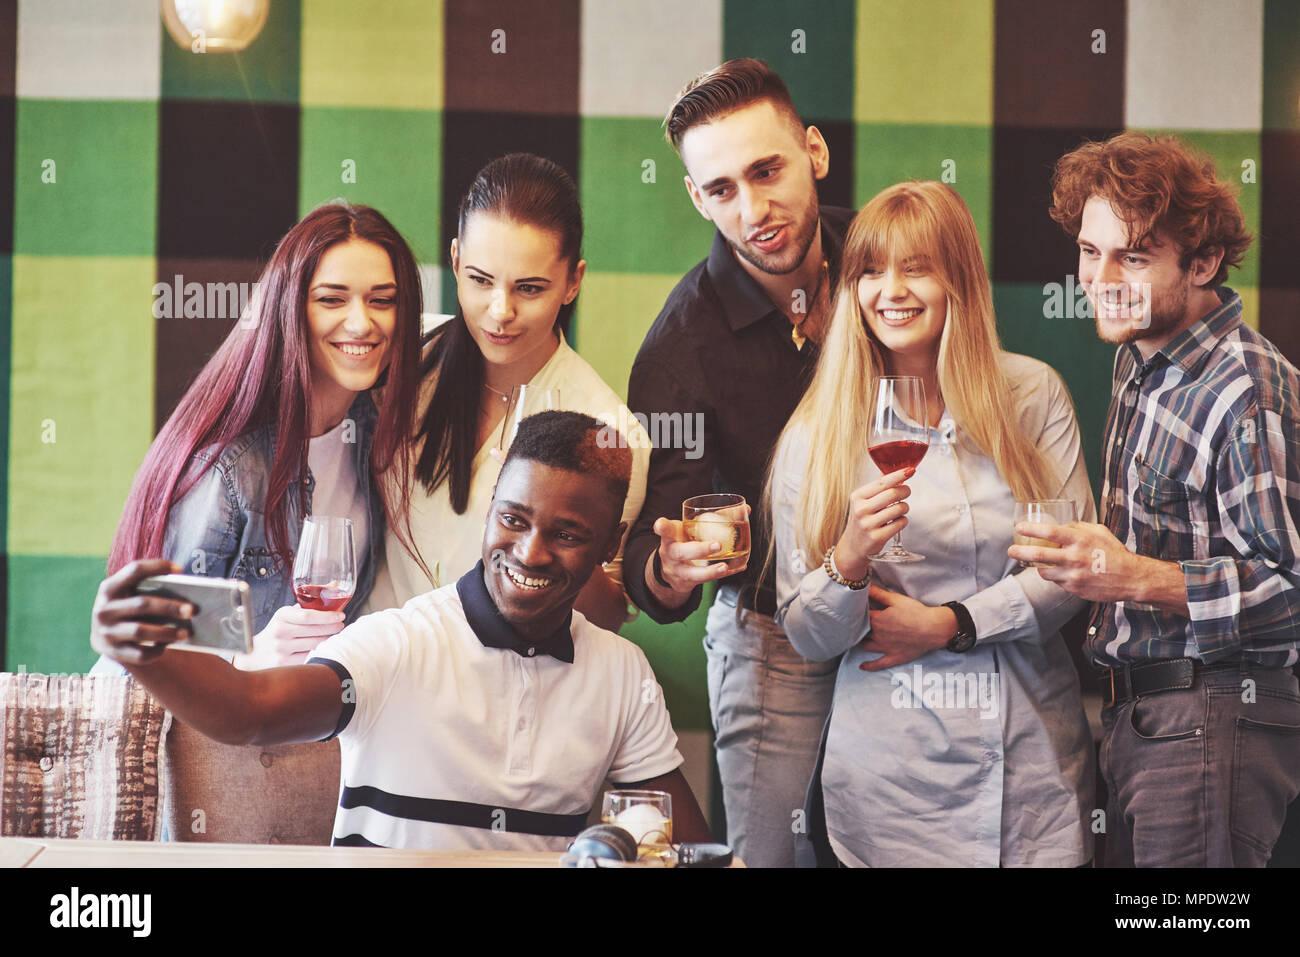 Amici divertendosi al ristorante.due ragazzi e 4 ragazze bere rendendo selfie, facendo segno di pace e di ridere. Sul primo piano donna azienda smart phone. Tutti indossare abiti casual Immagini Stock